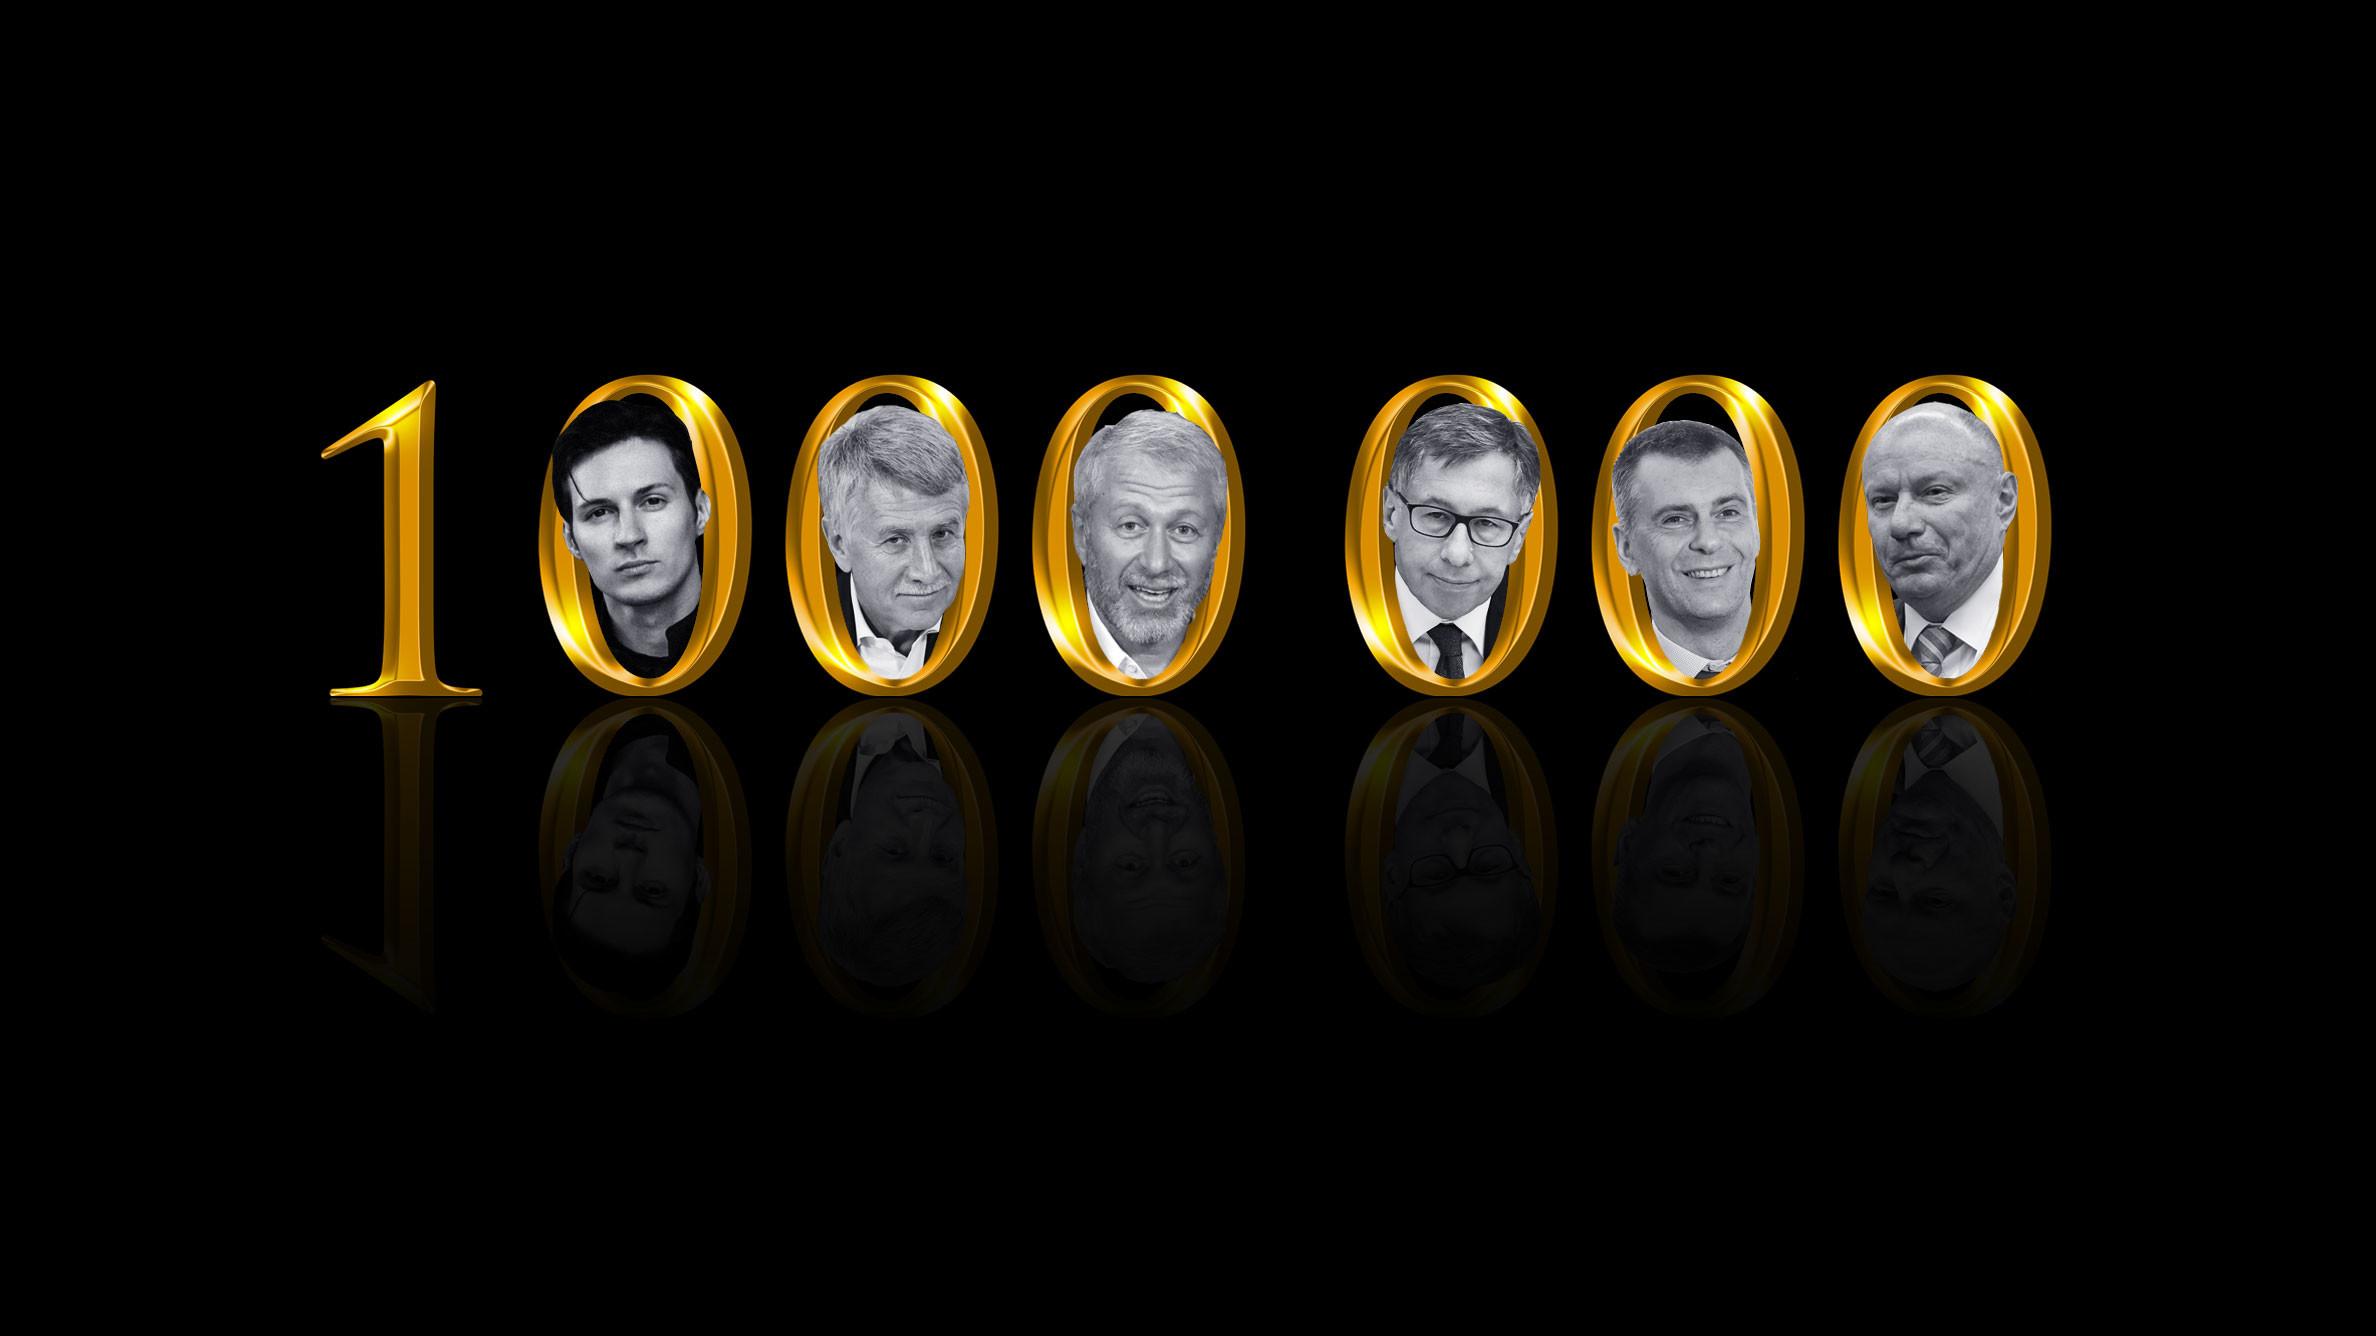 """<p>Коллаж © LIFE. Фото © VK / <a href=""""https://vk.com/durov?z=photo1_376599151%2Falbum1_0%2Frev"""" target=""""_self"""">Павел Дуров</a>, © ТАСС / Михаил Терещенко / Сергей Савостьянов / Вячеслав Прокофьев / Алексей Смышляев&nbsp;</p>"""